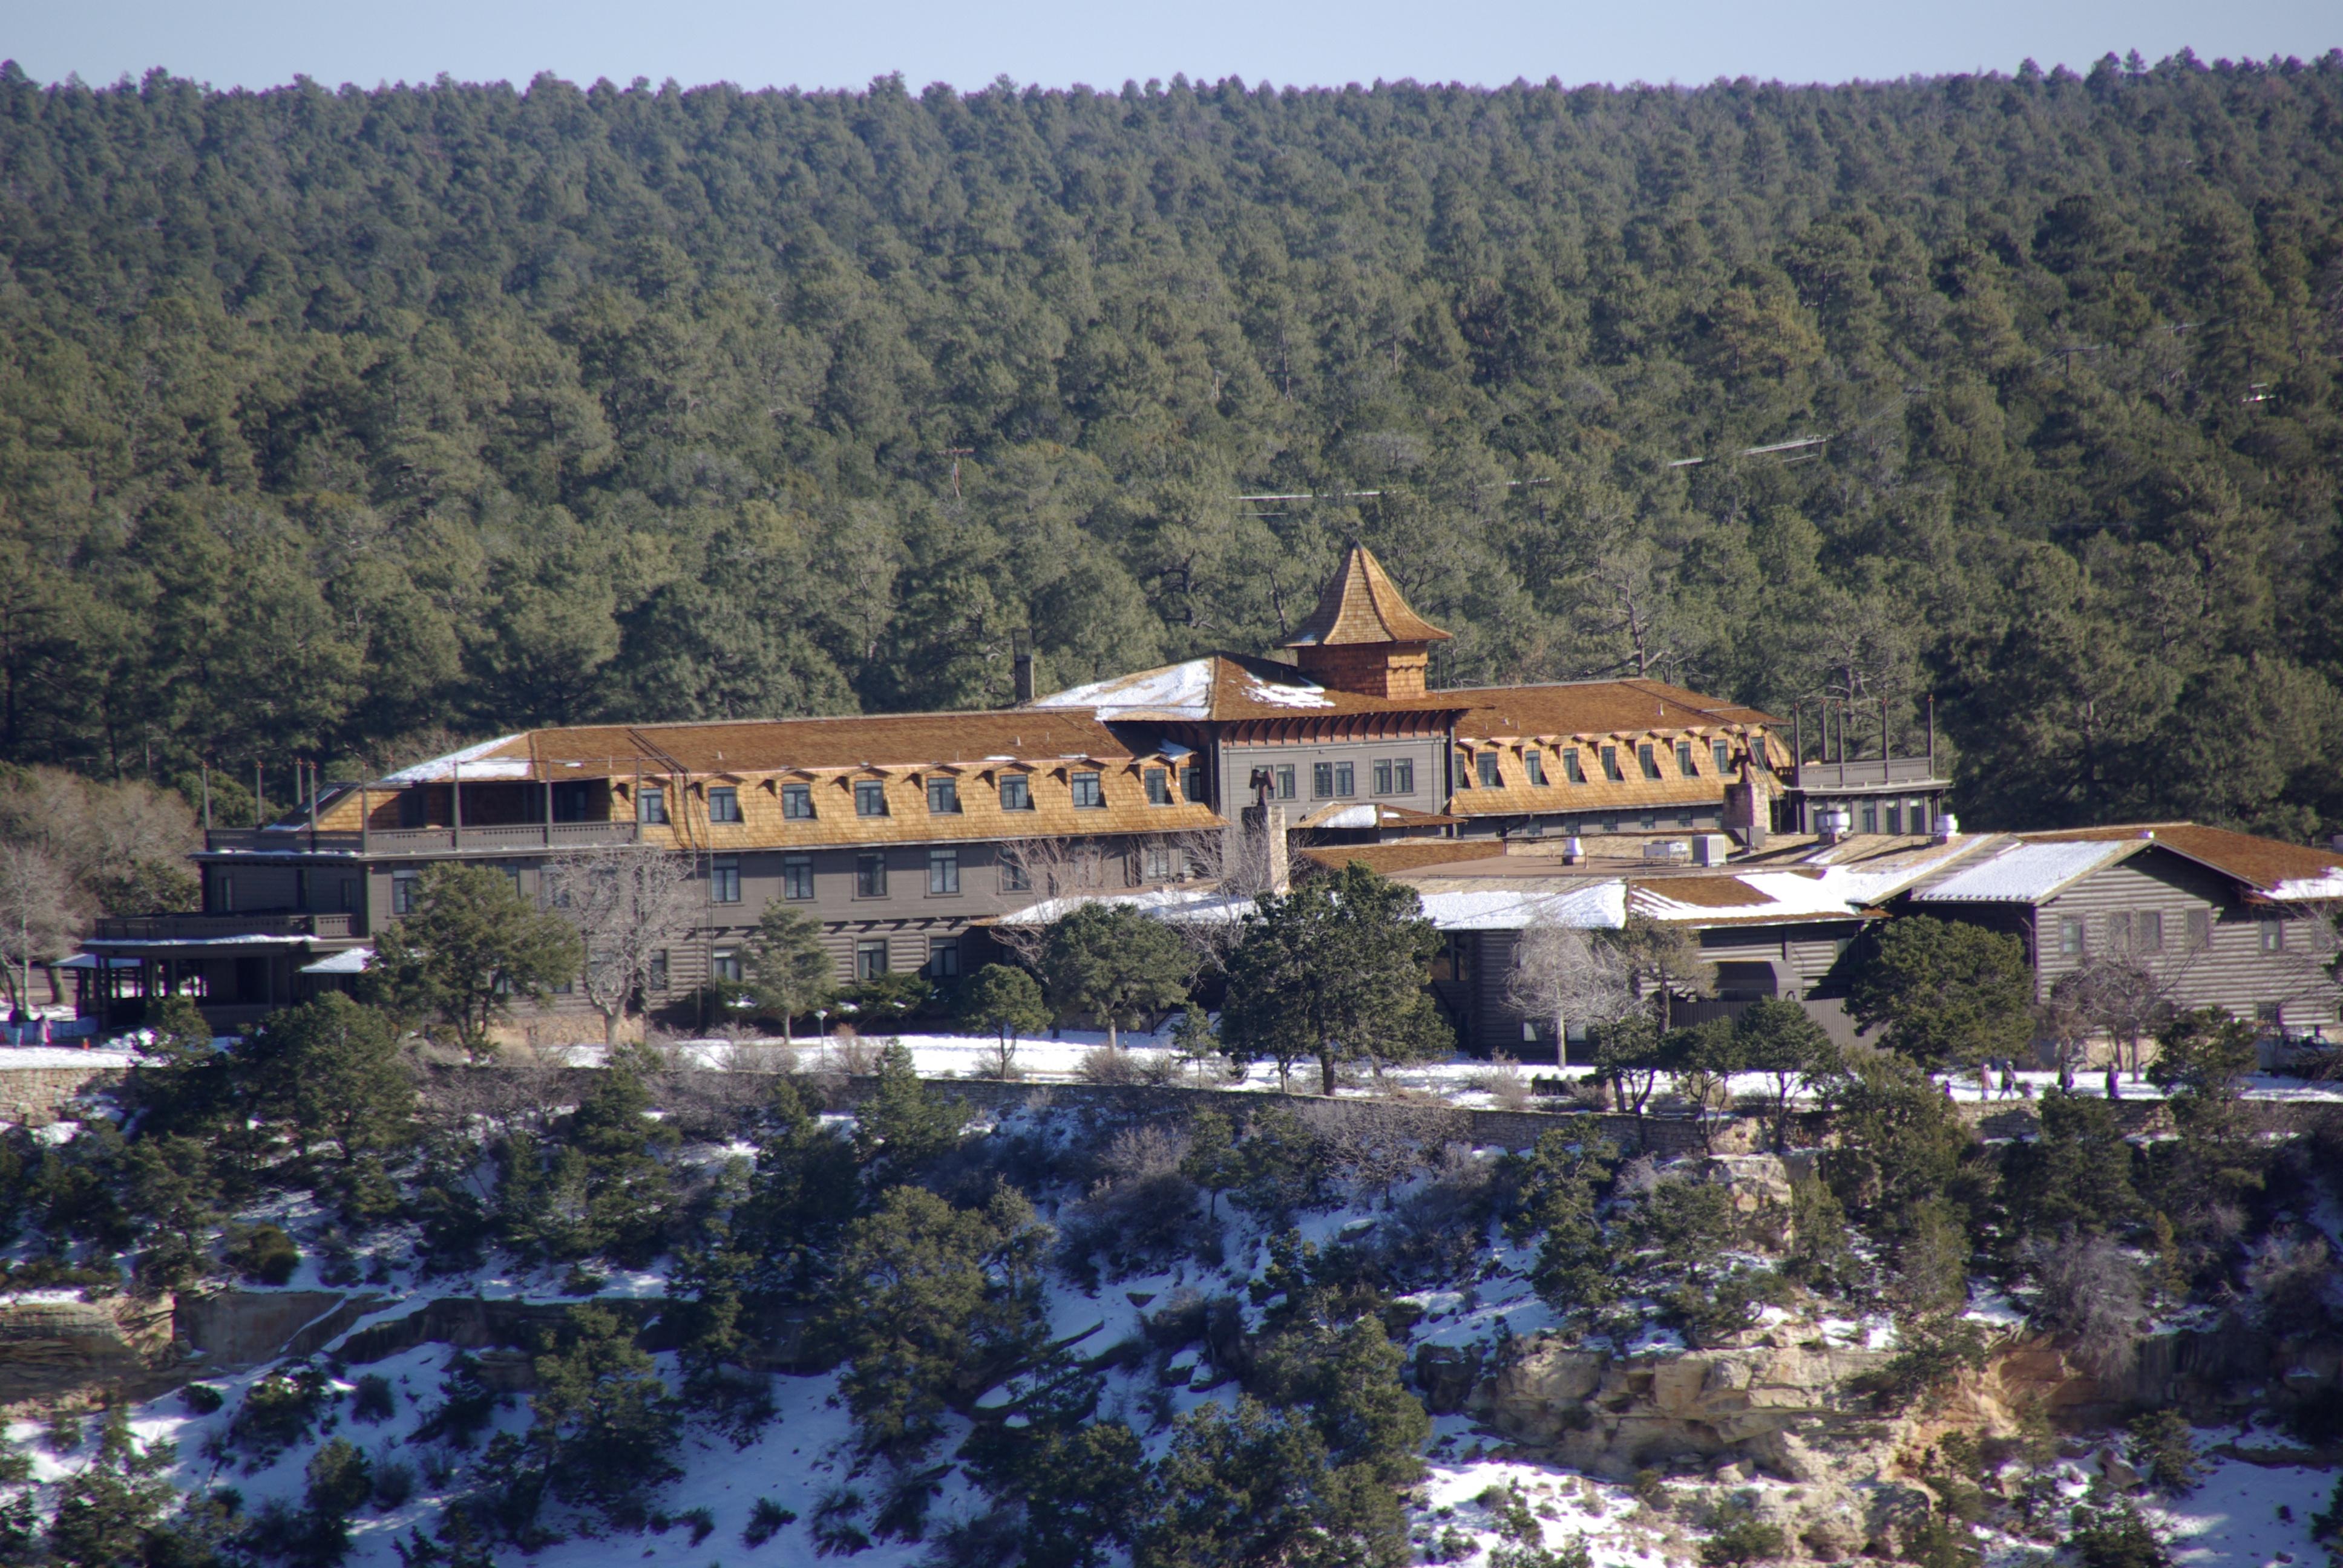 Grand canyon village el tovar hotel flickr photo for El tovar grand canyon